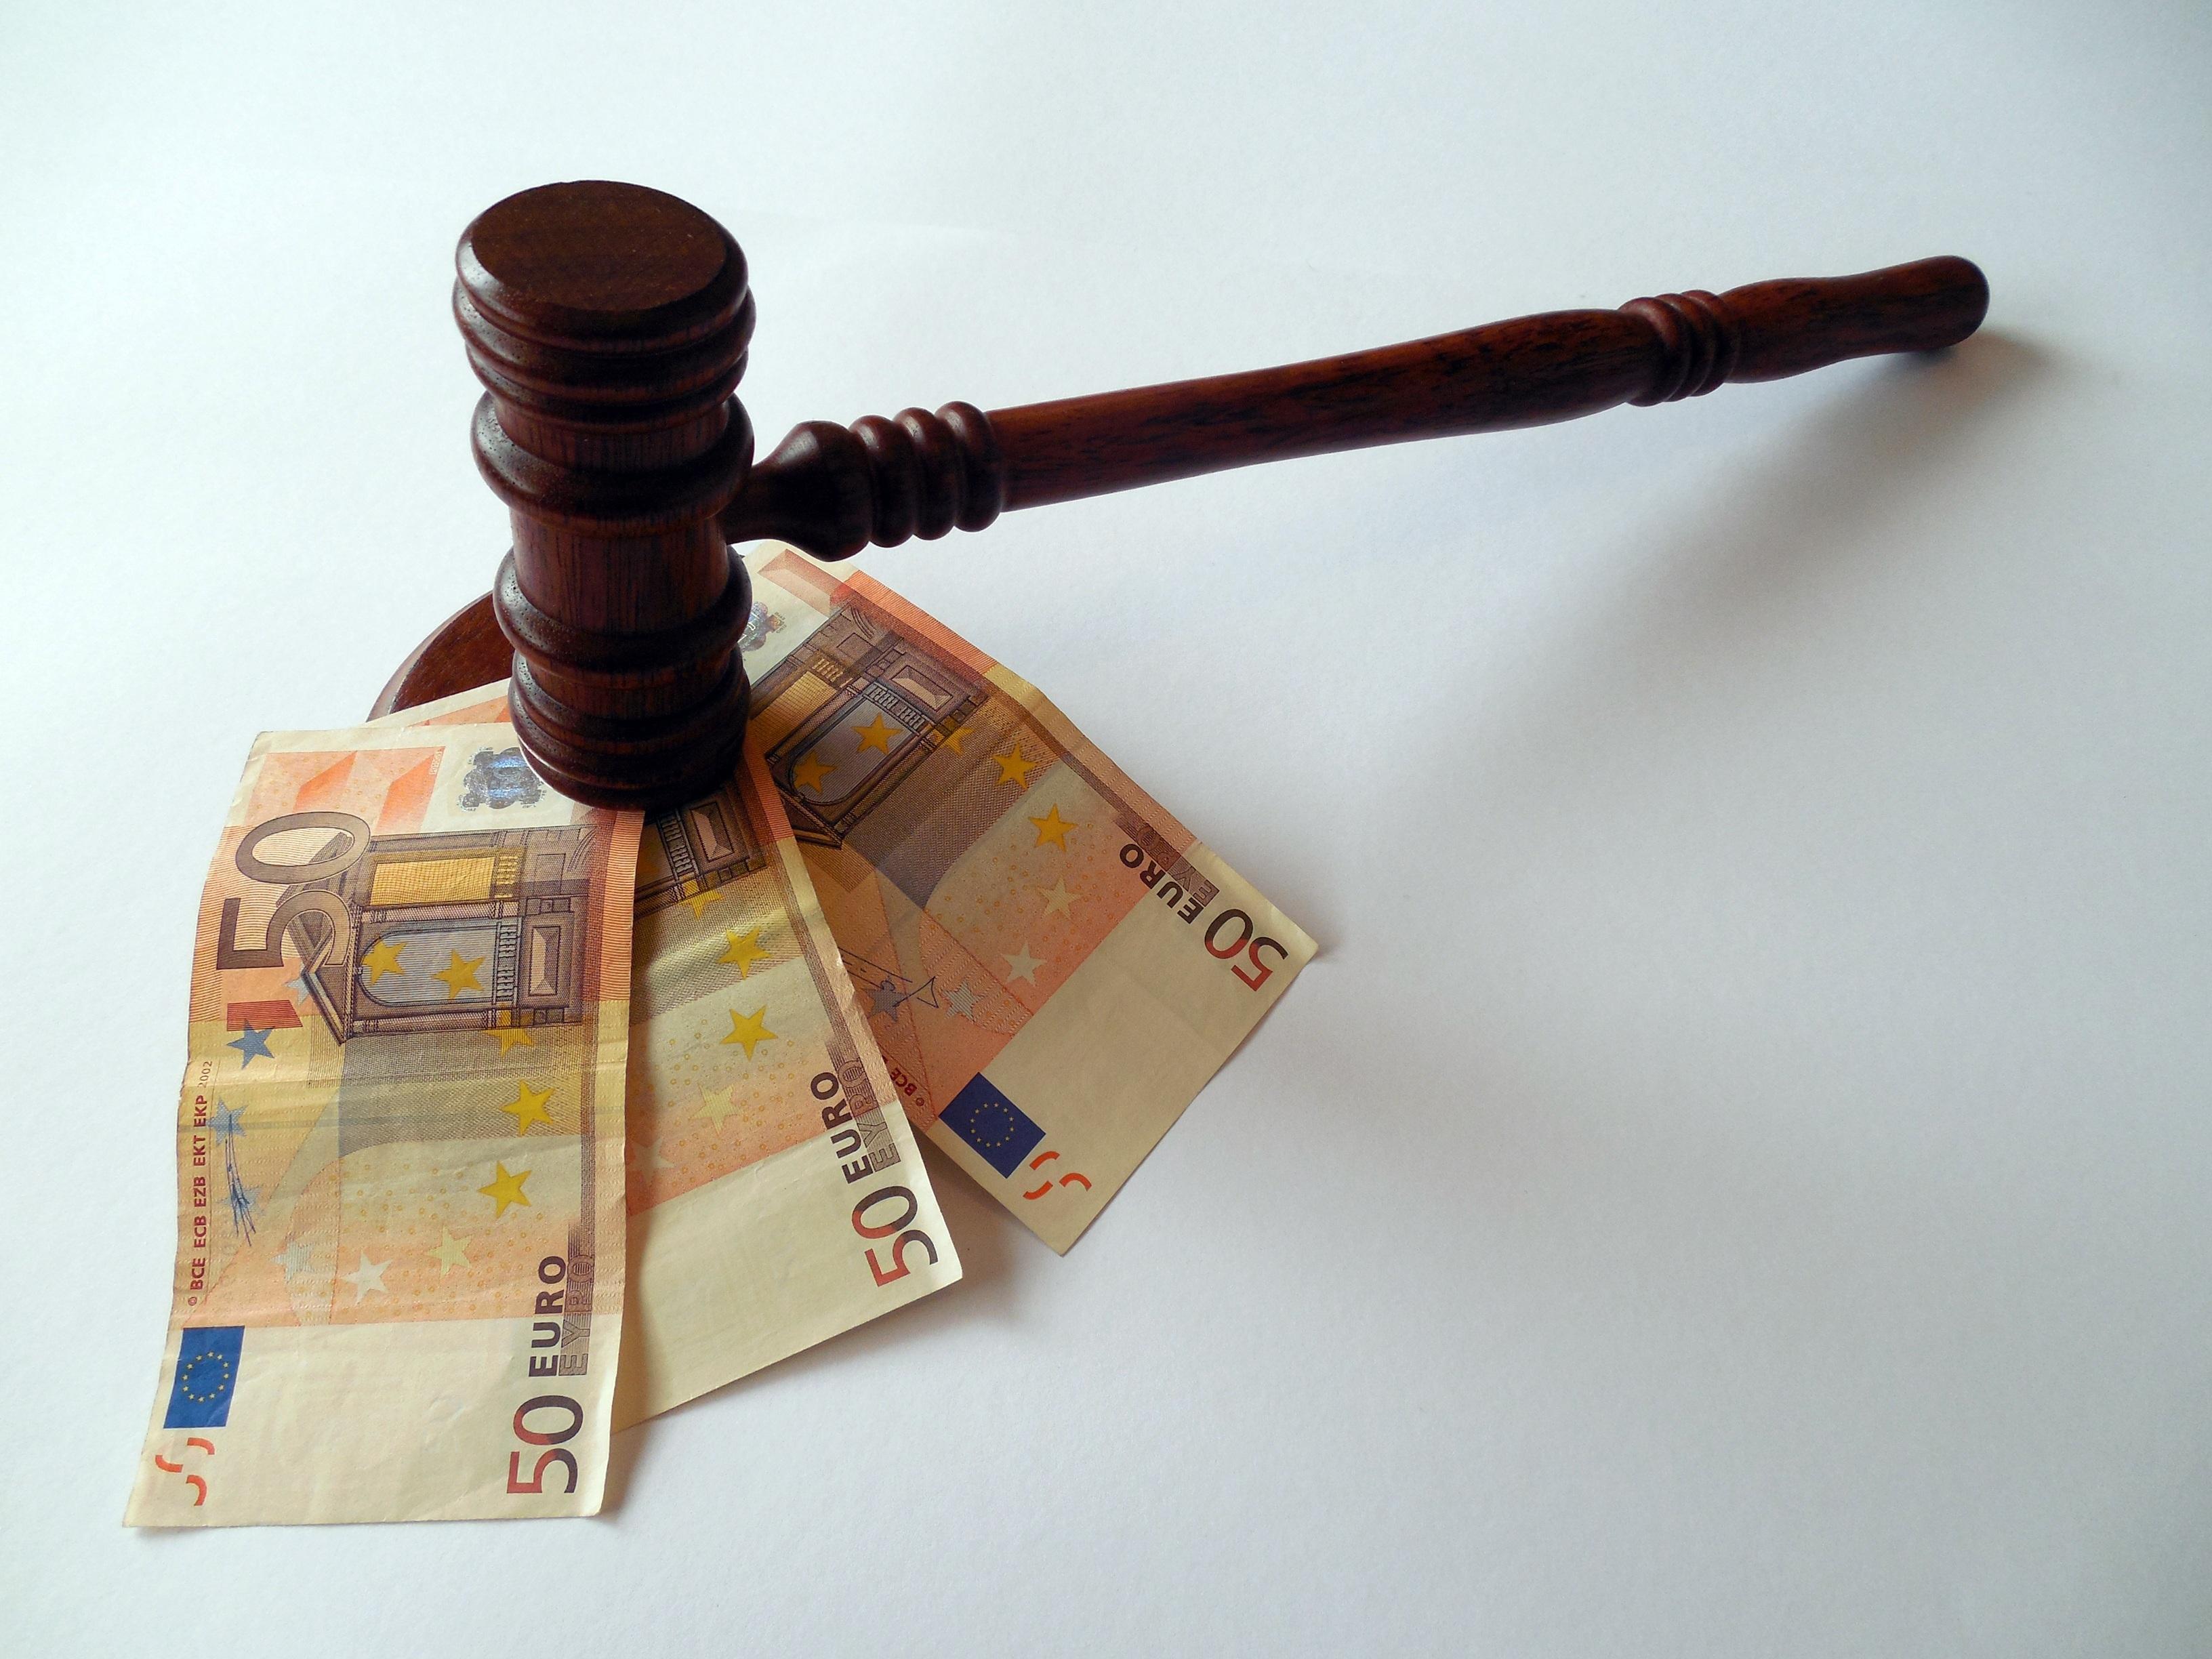 工伤赔偿程序及法律规定是怎么样的